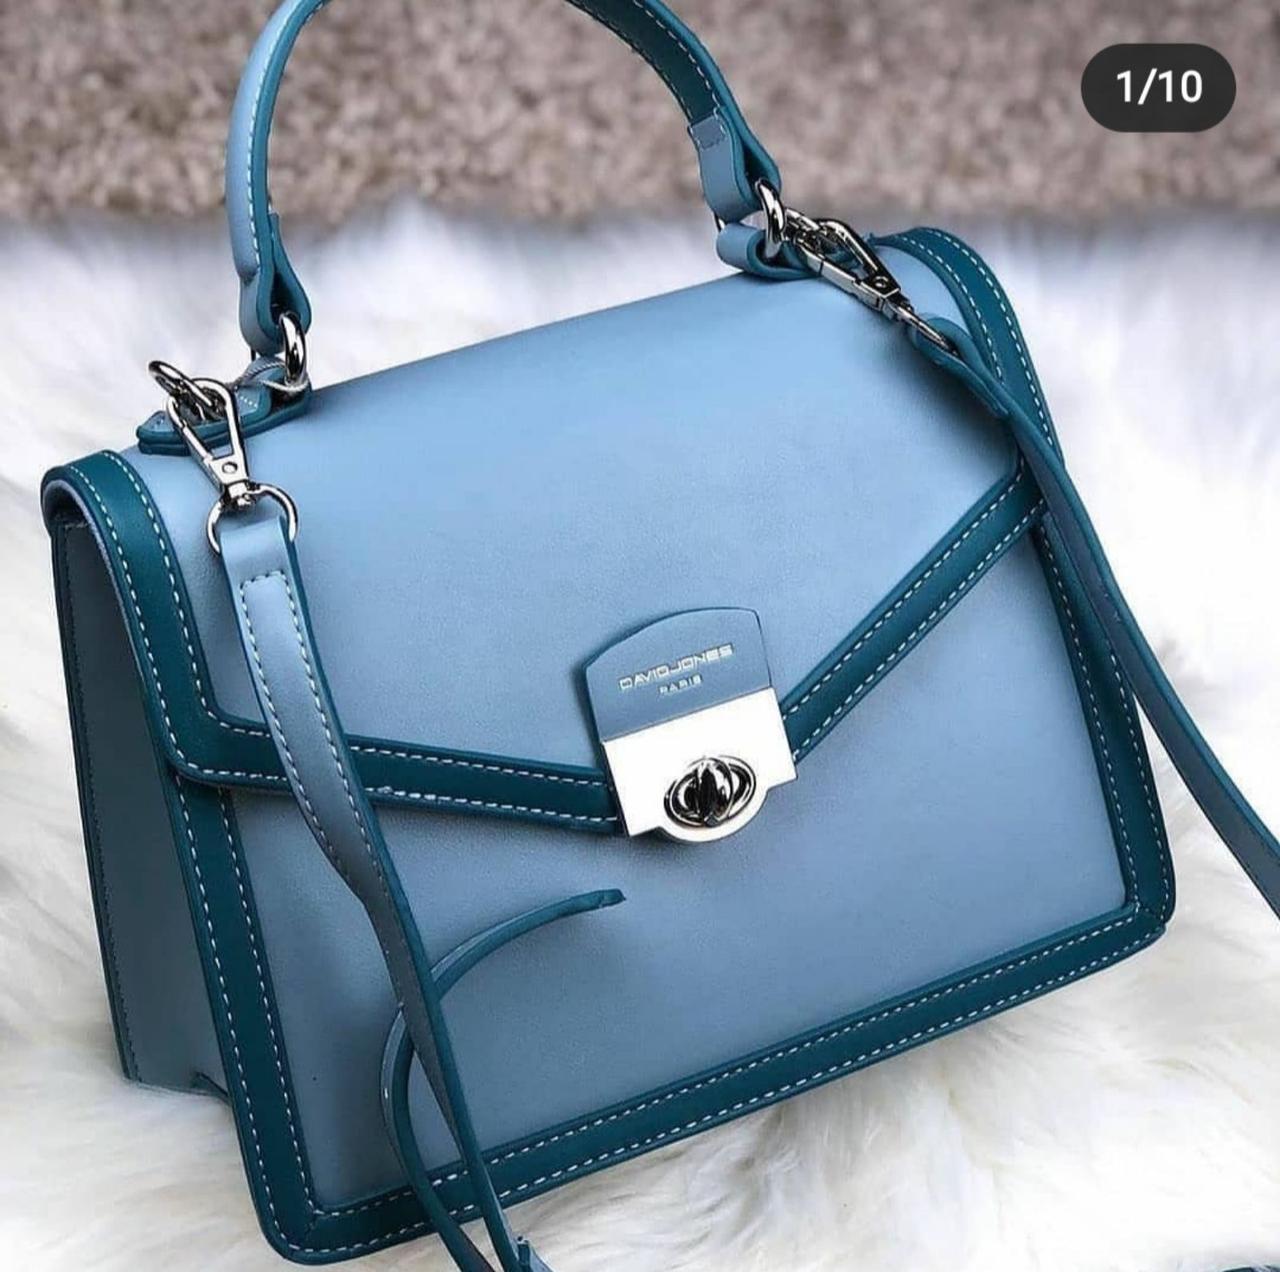 Небольшая женская сумка David Jones, синяя / клатч Дэвид Джонс / сумка жіноча